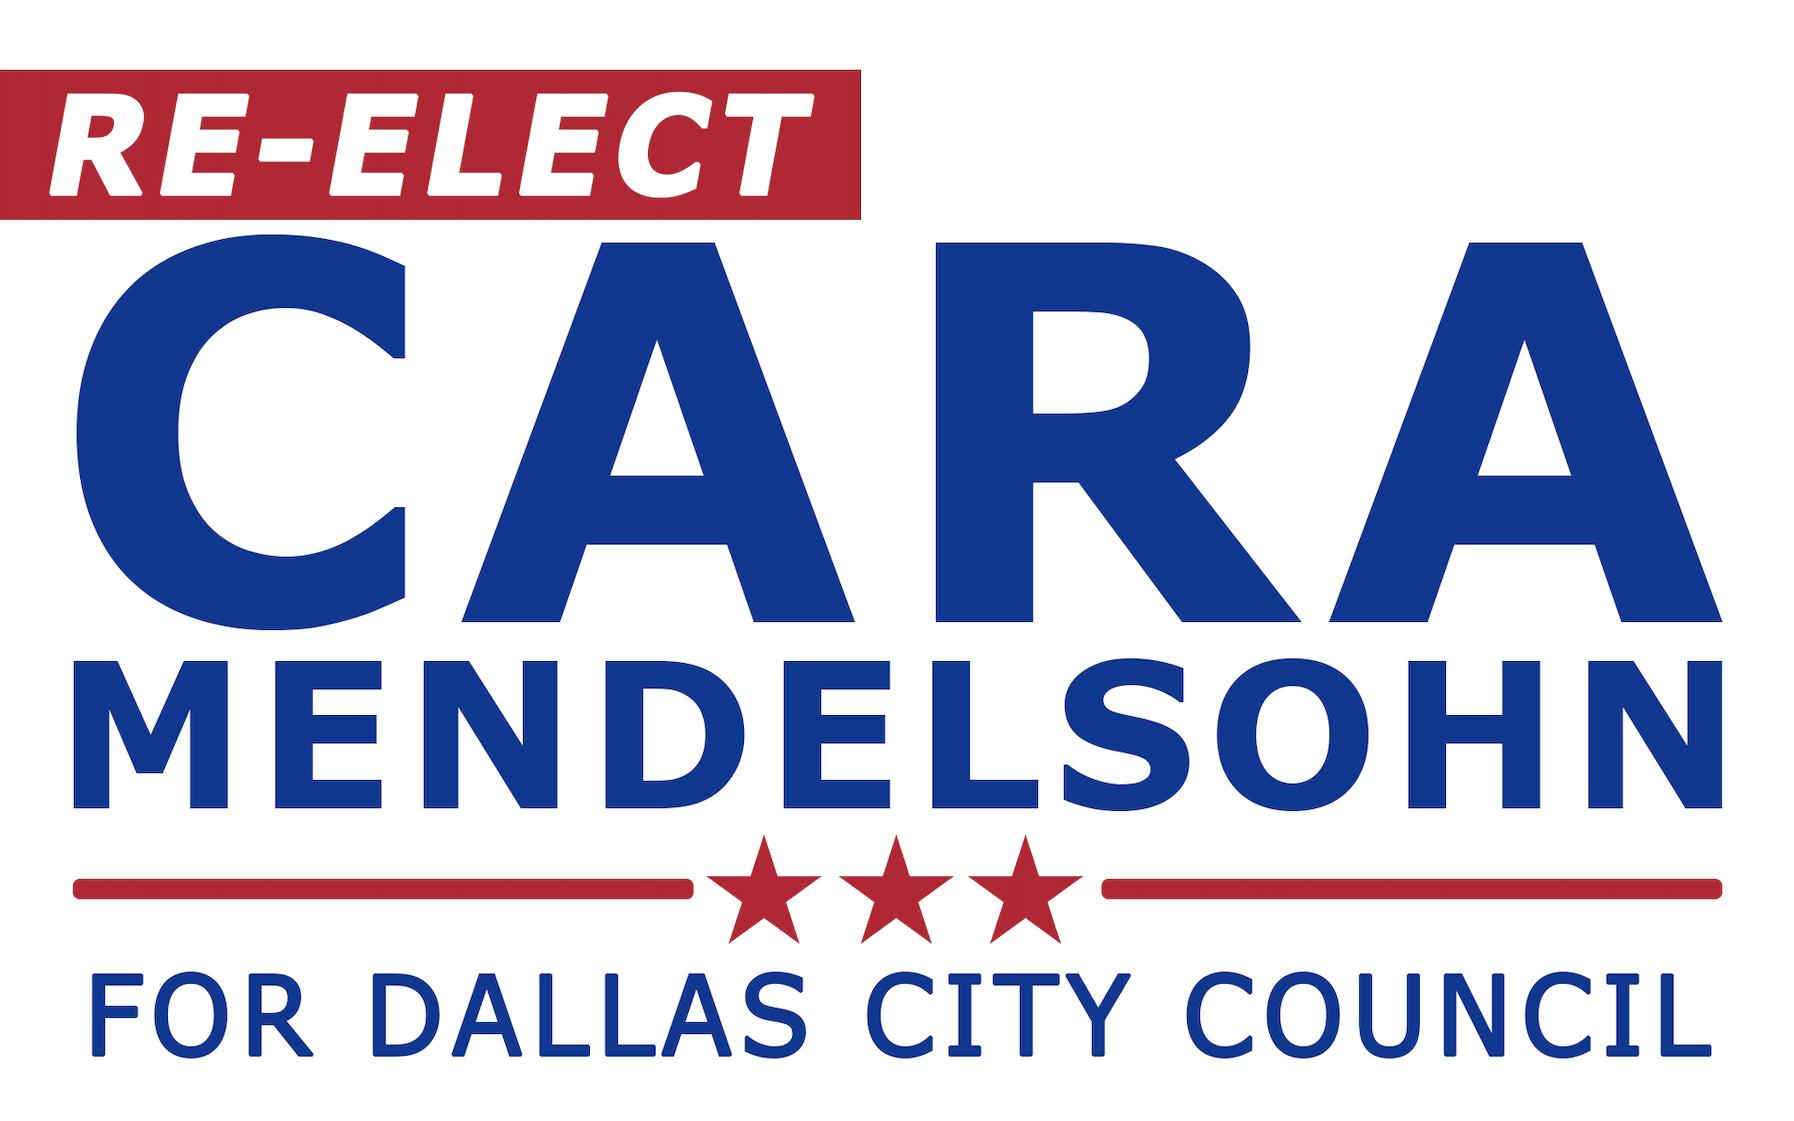 Re-elect Cara Mendelsohn